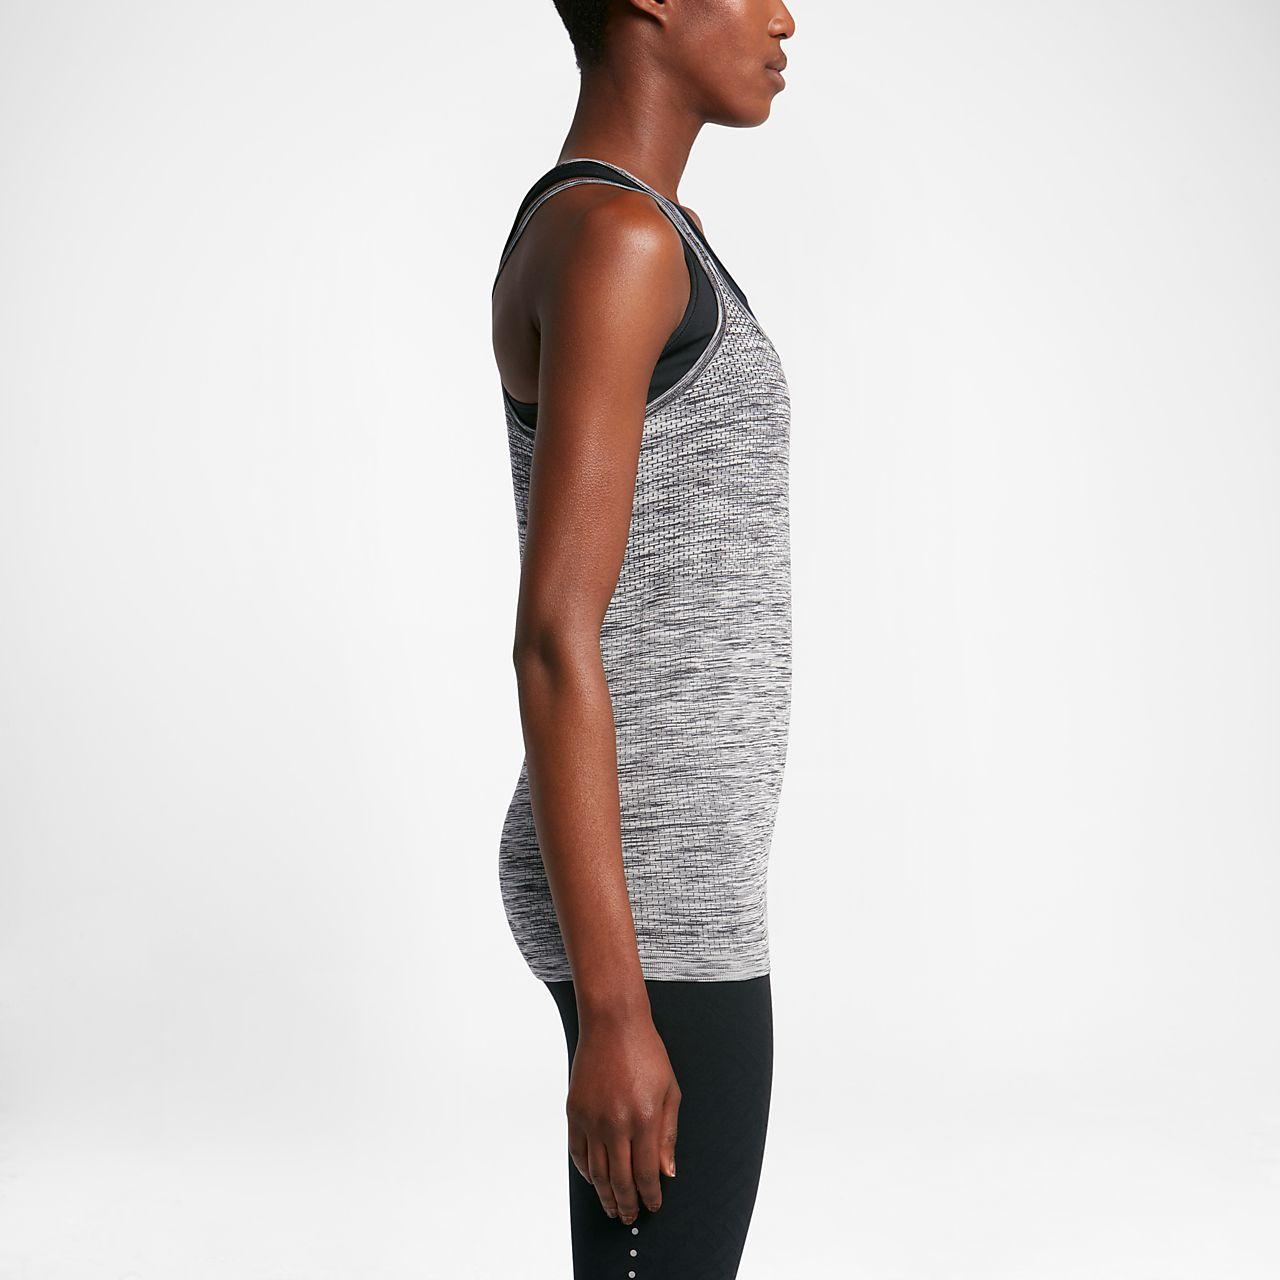 62dbccd87 Nike Dri-FIT Knit Women's Running Tank. Nike.com AU